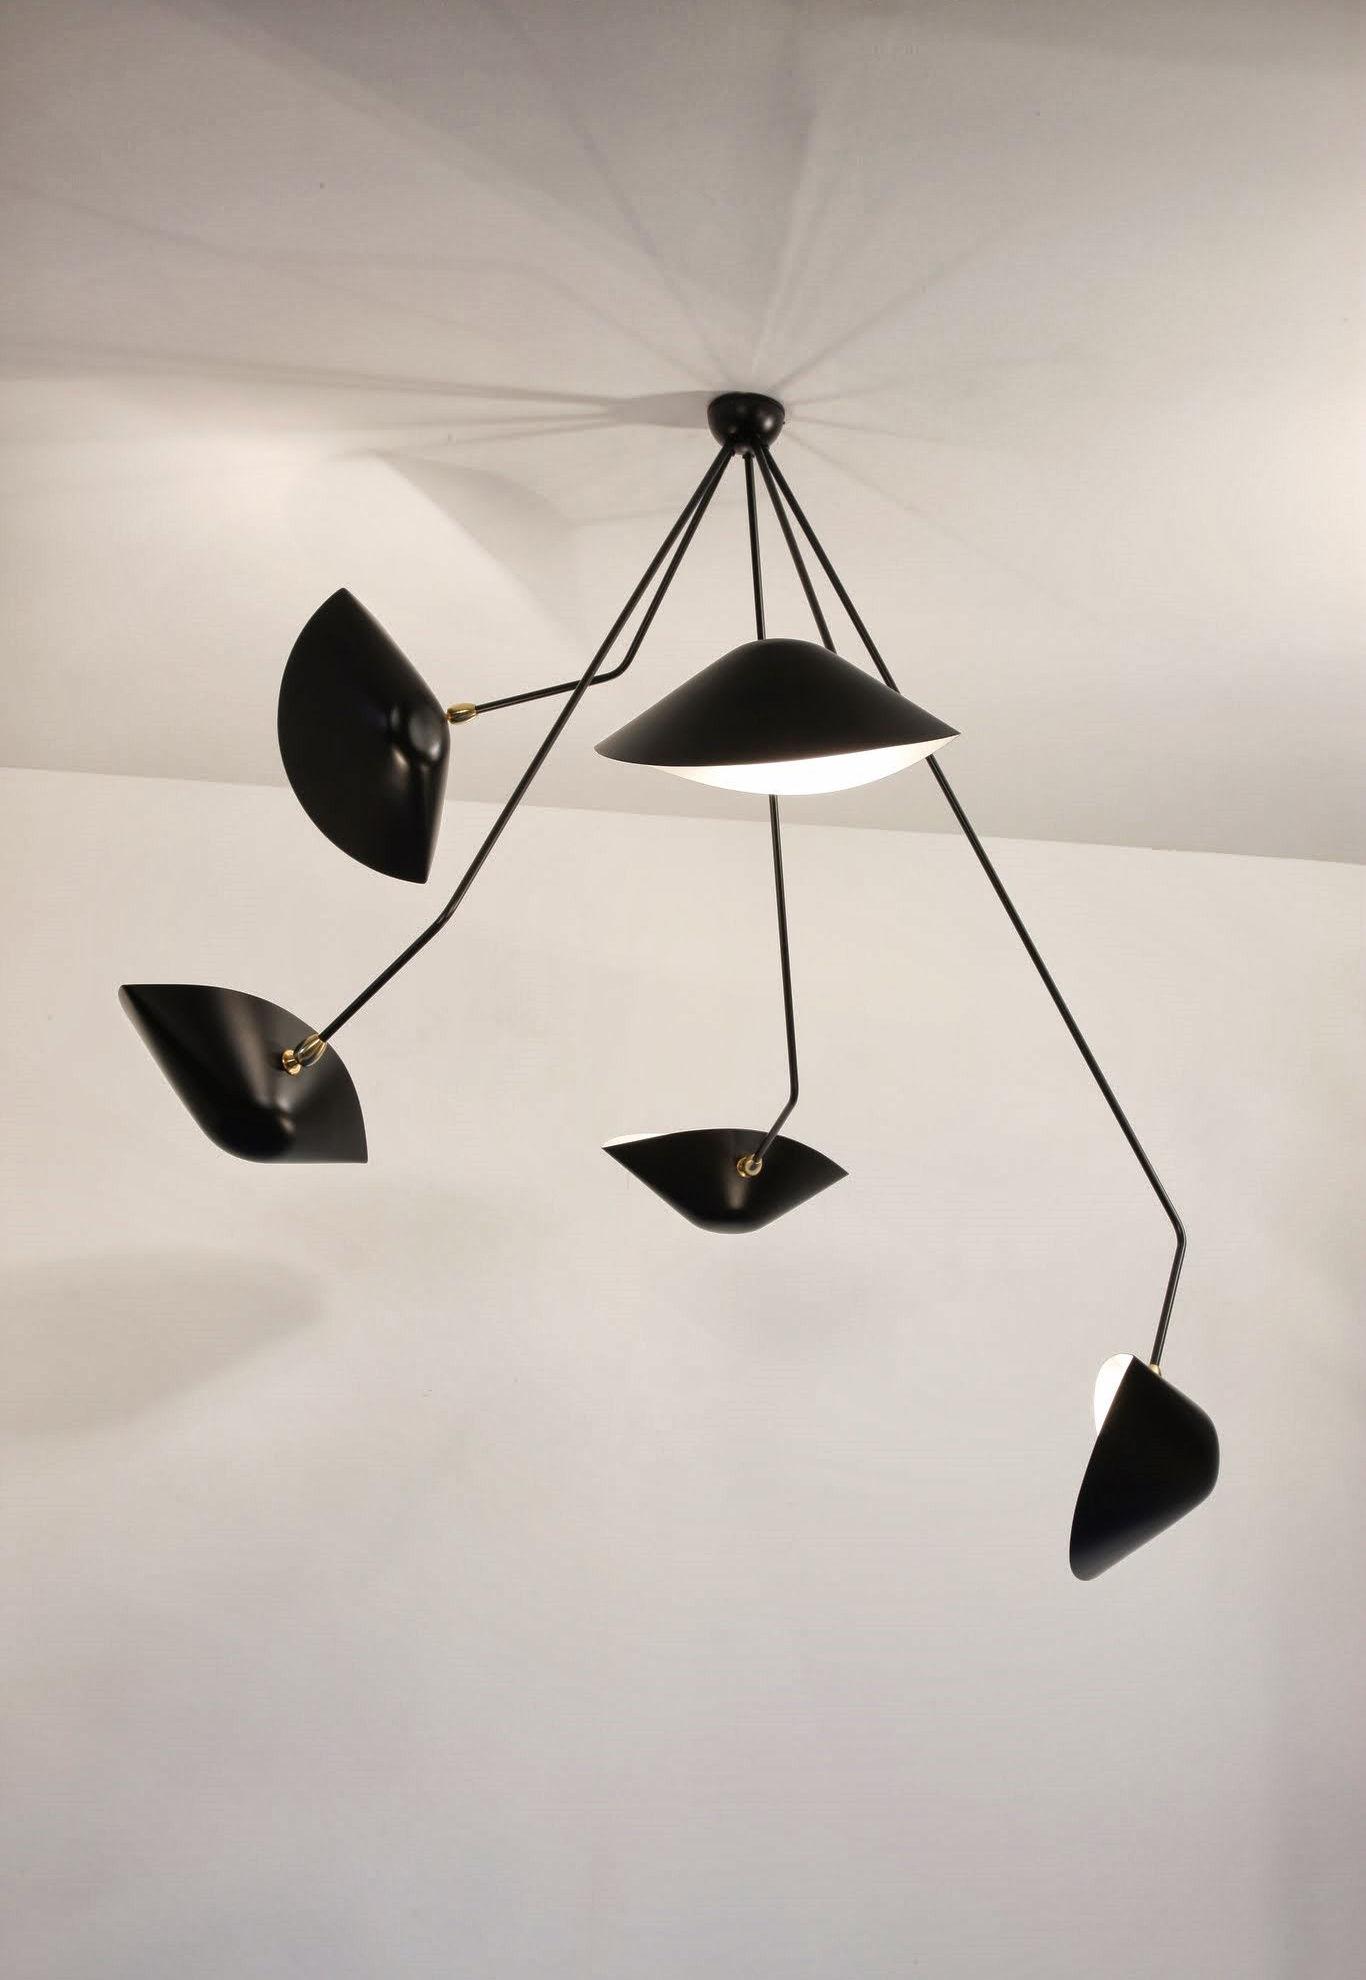 plafonnier araign e 5 bras fixes 1954 noir serge mouille. Black Bedroom Furniture Sets. Home Design Ideas